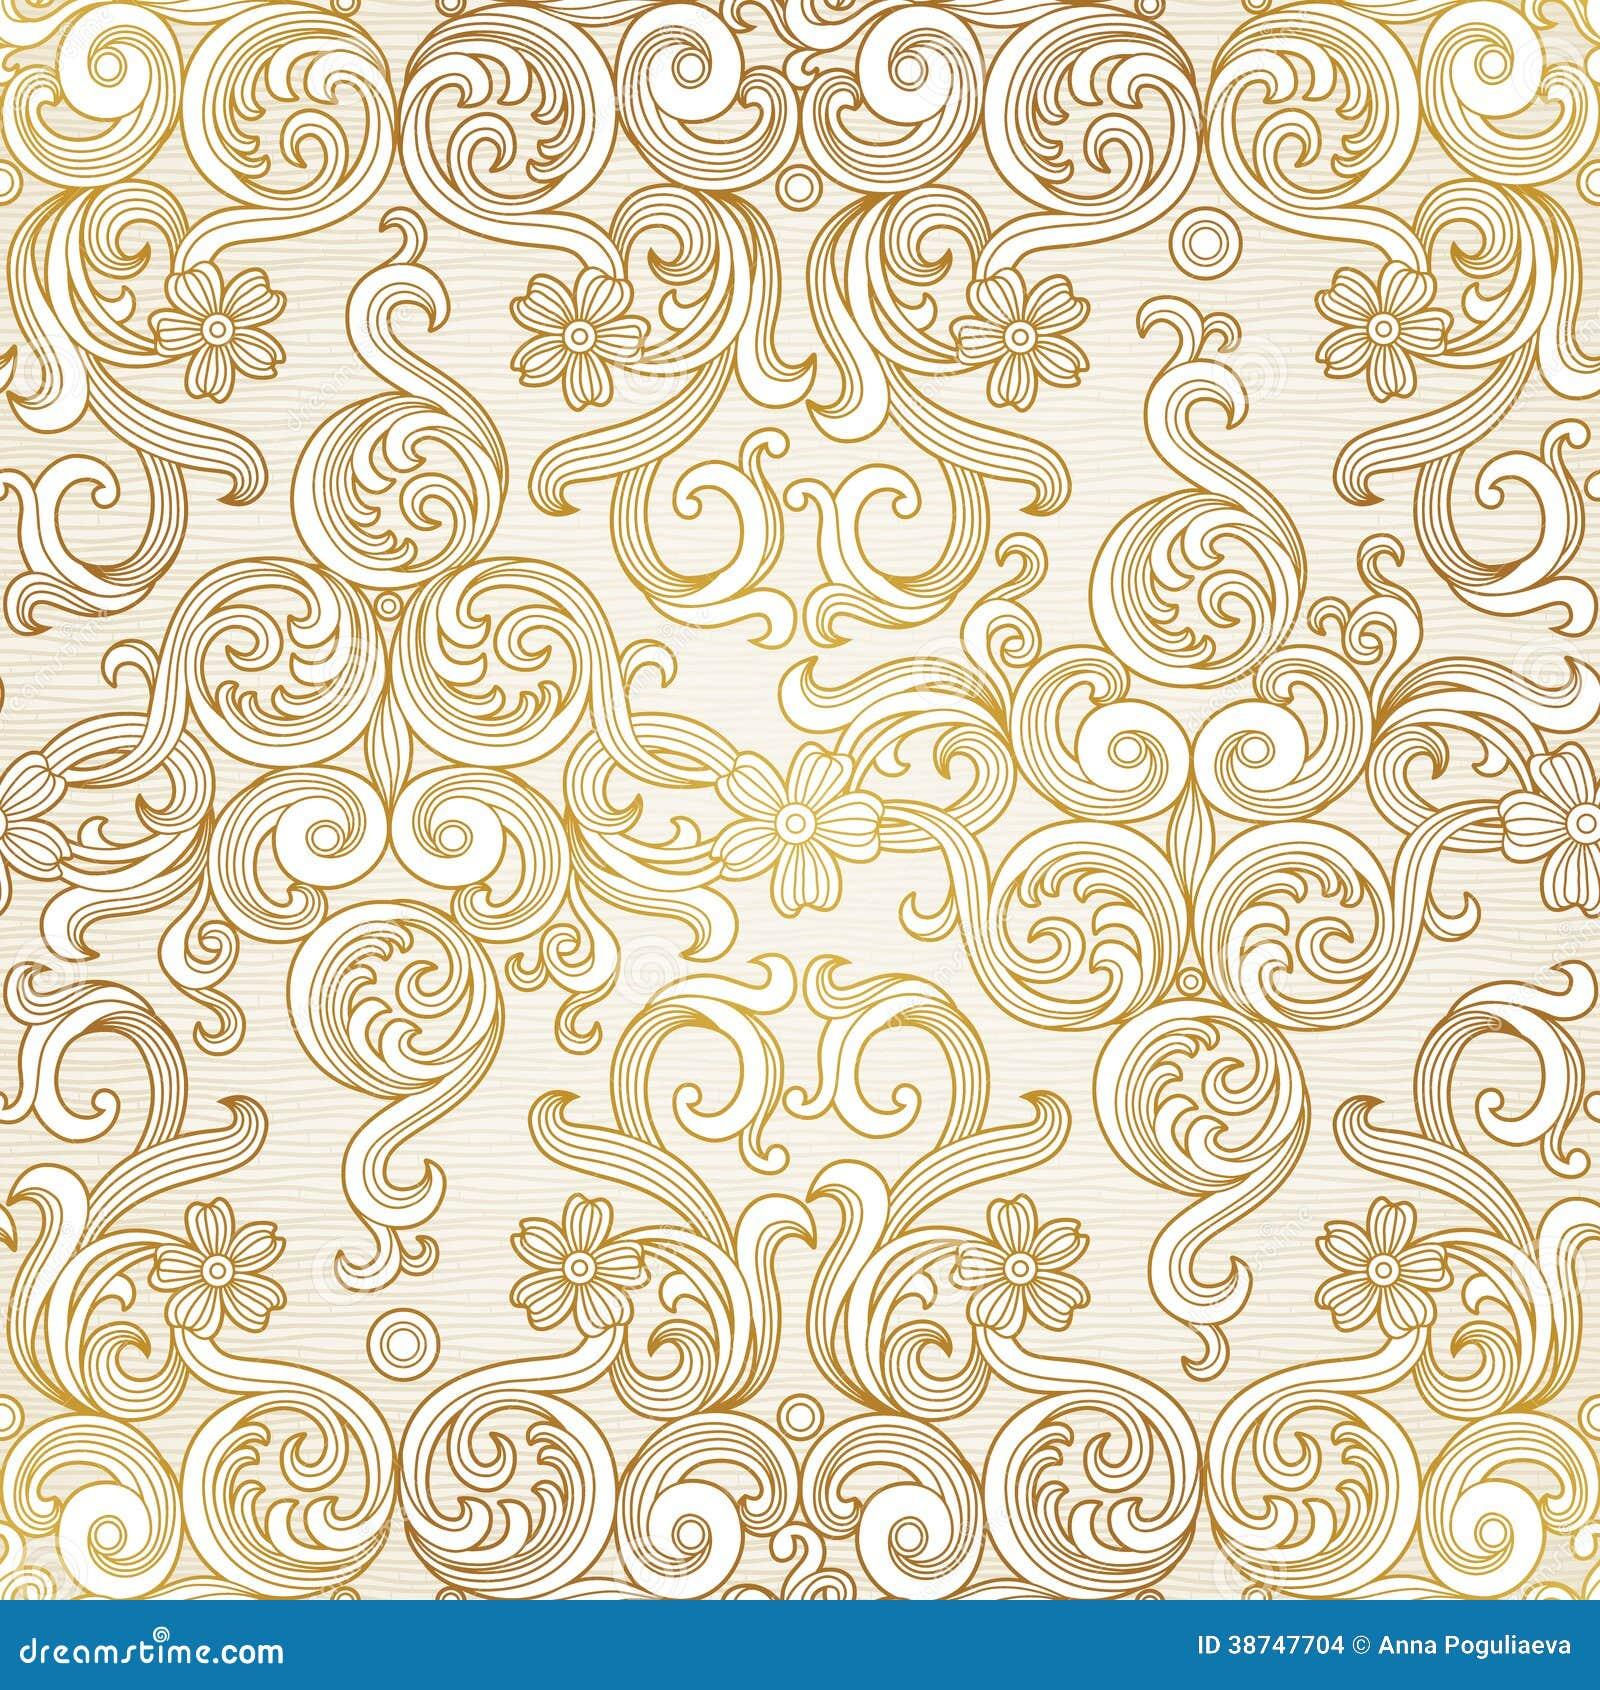 rococo motif vintage floral - photo #22